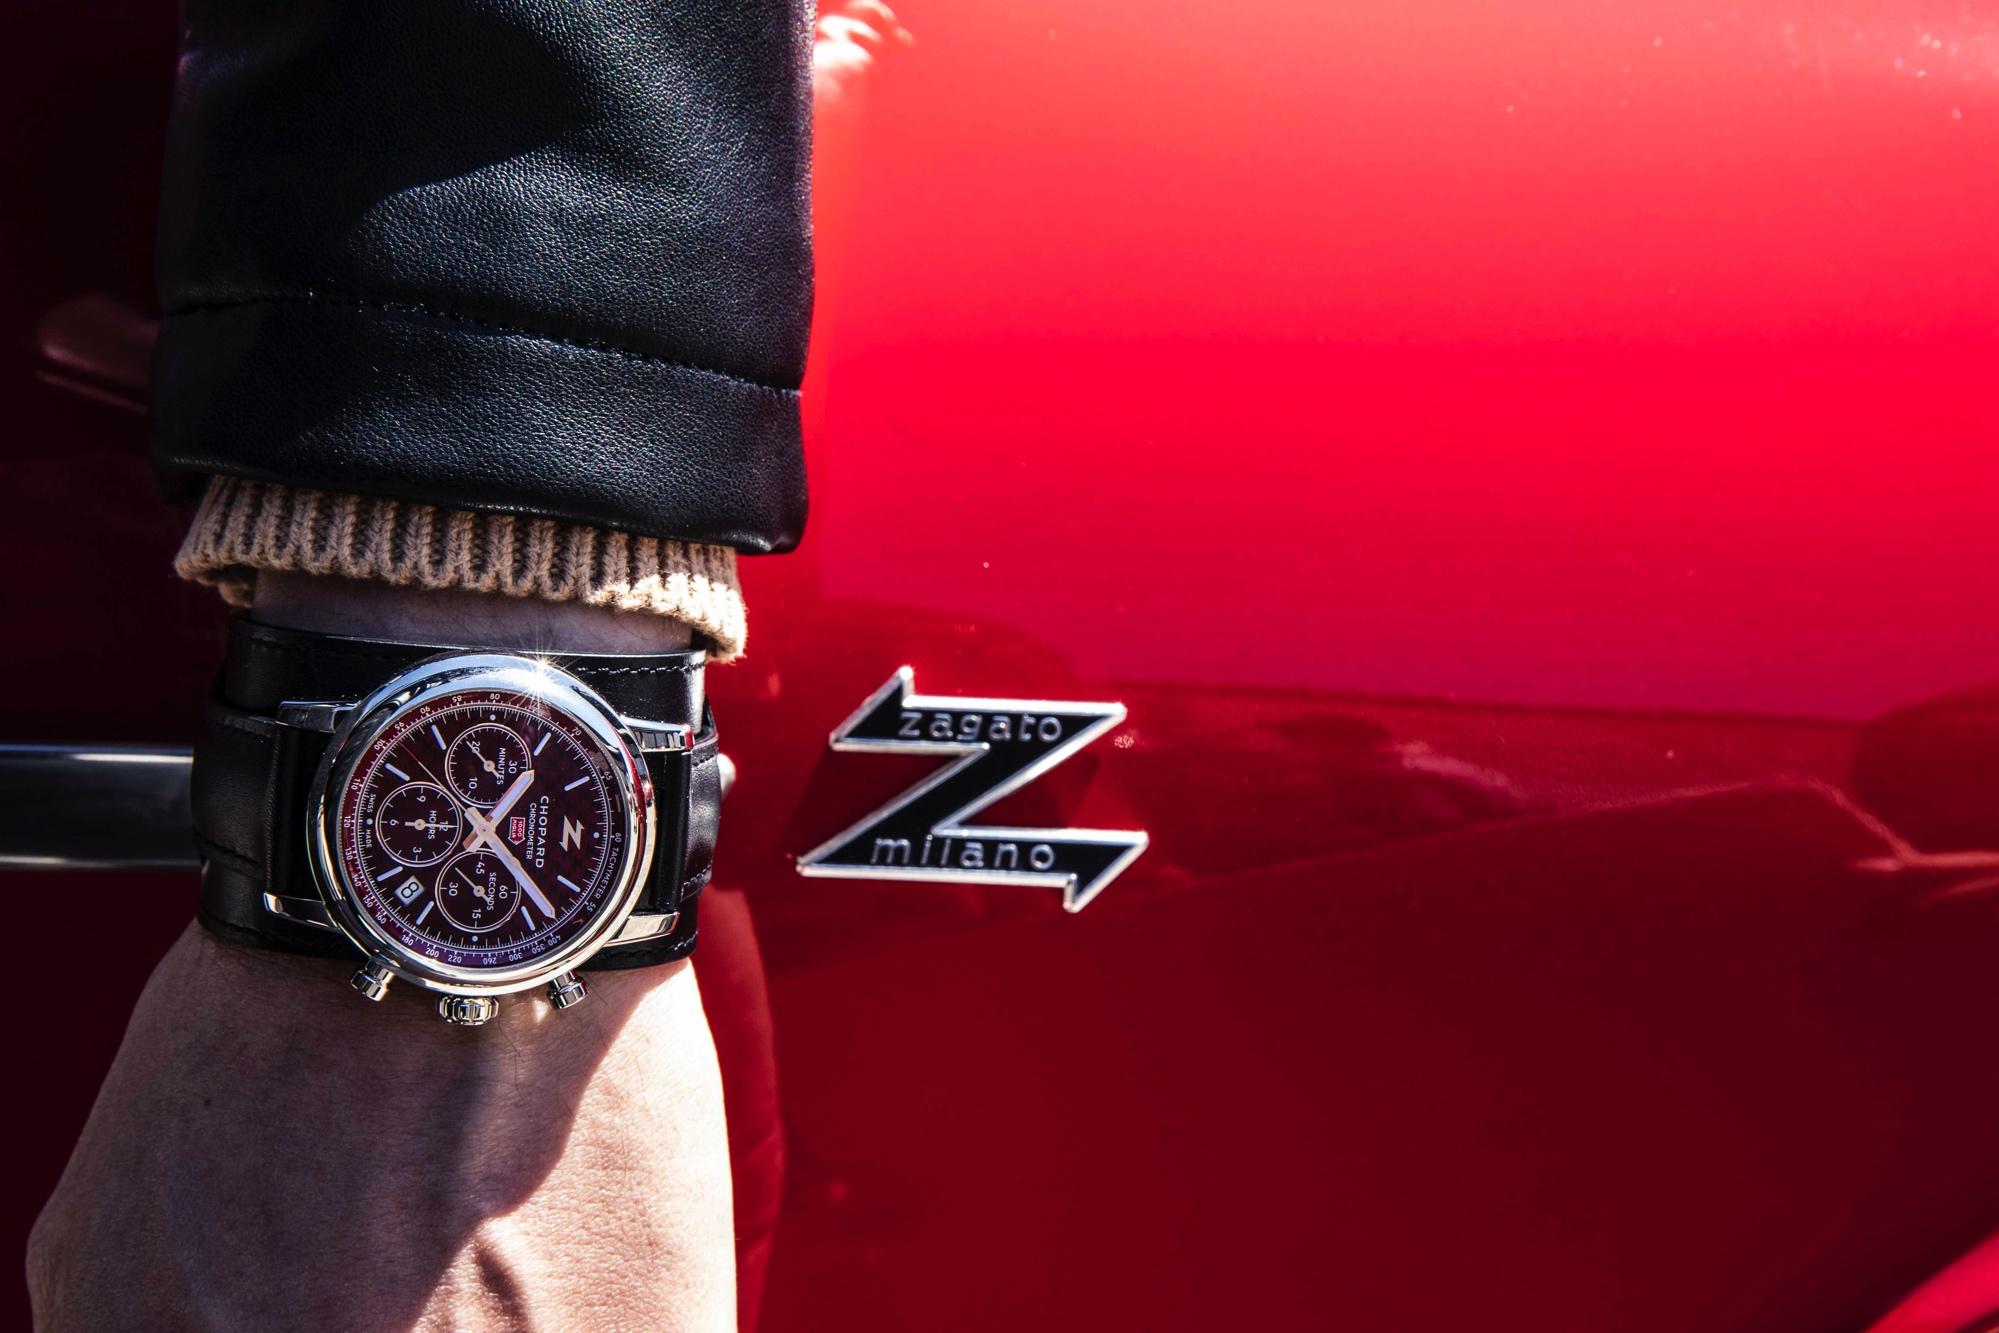 Mille Miglia Classic Chronograph-Zagato 100th Anniversary Edition cover wristshot